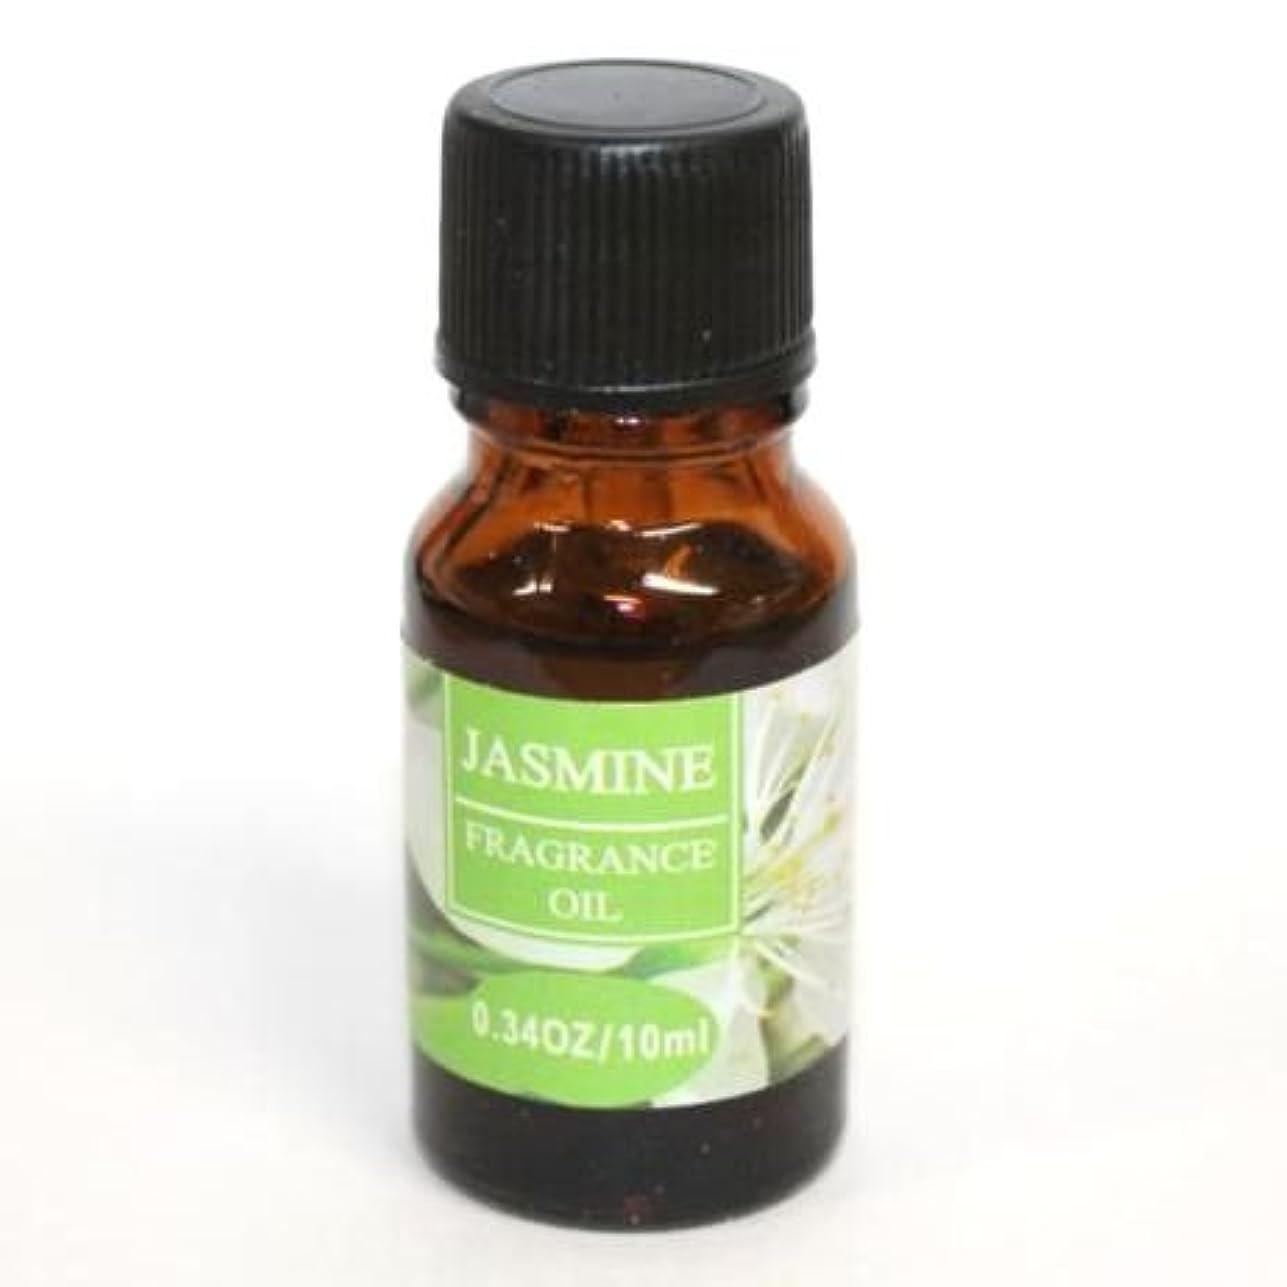 形物足りない写真撮影RELAXING アロマオイル フレグランスオイル JASMINE ジャスミンの香り RQ-06